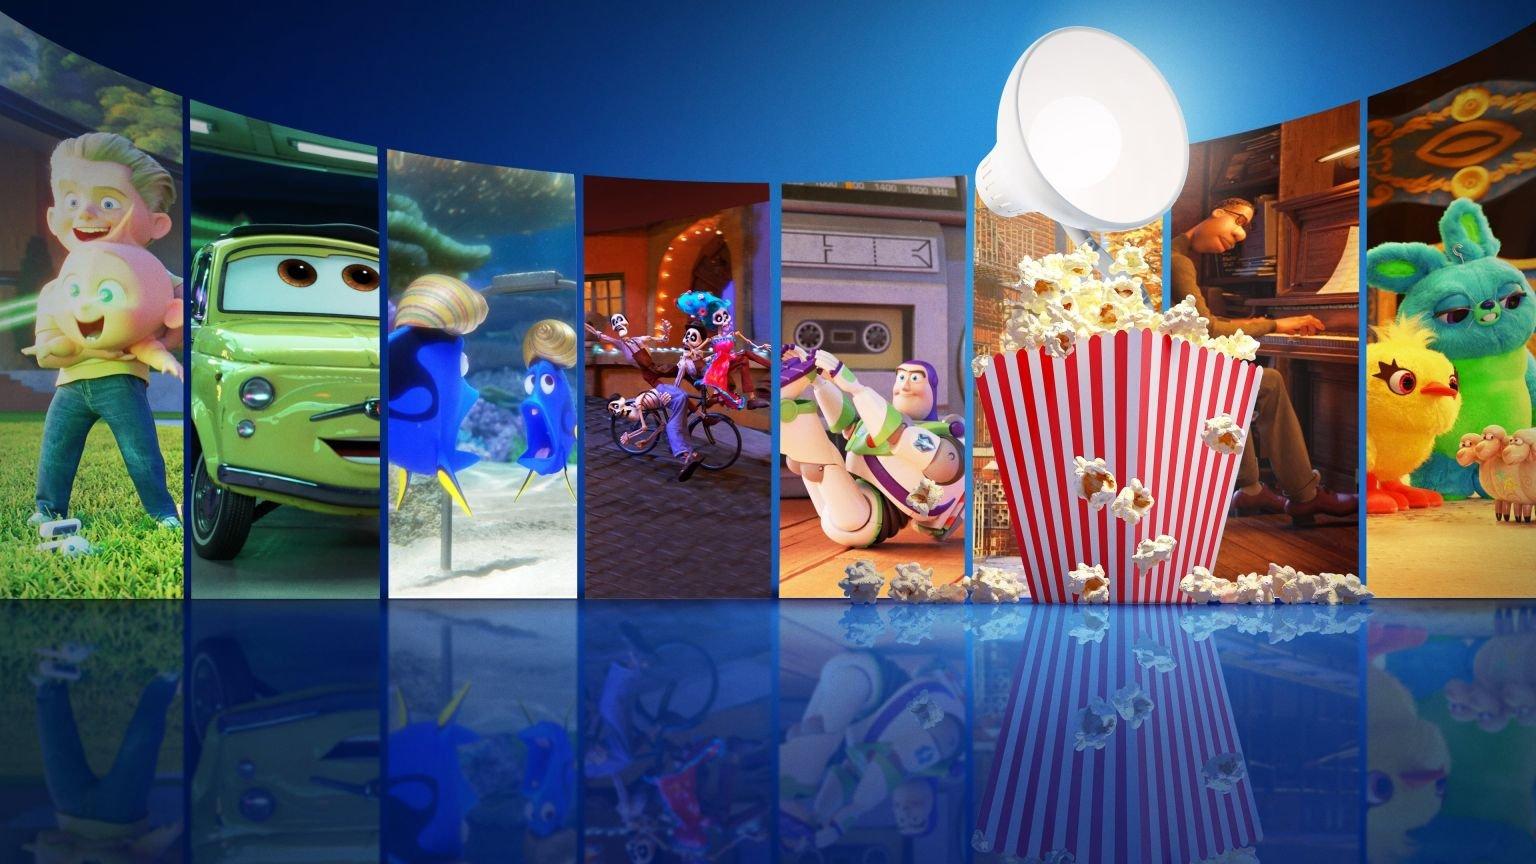 Nieuw op Disney+: 'Pixar Popcorn', een collectie korte films met al je favoriete Pixar-personages